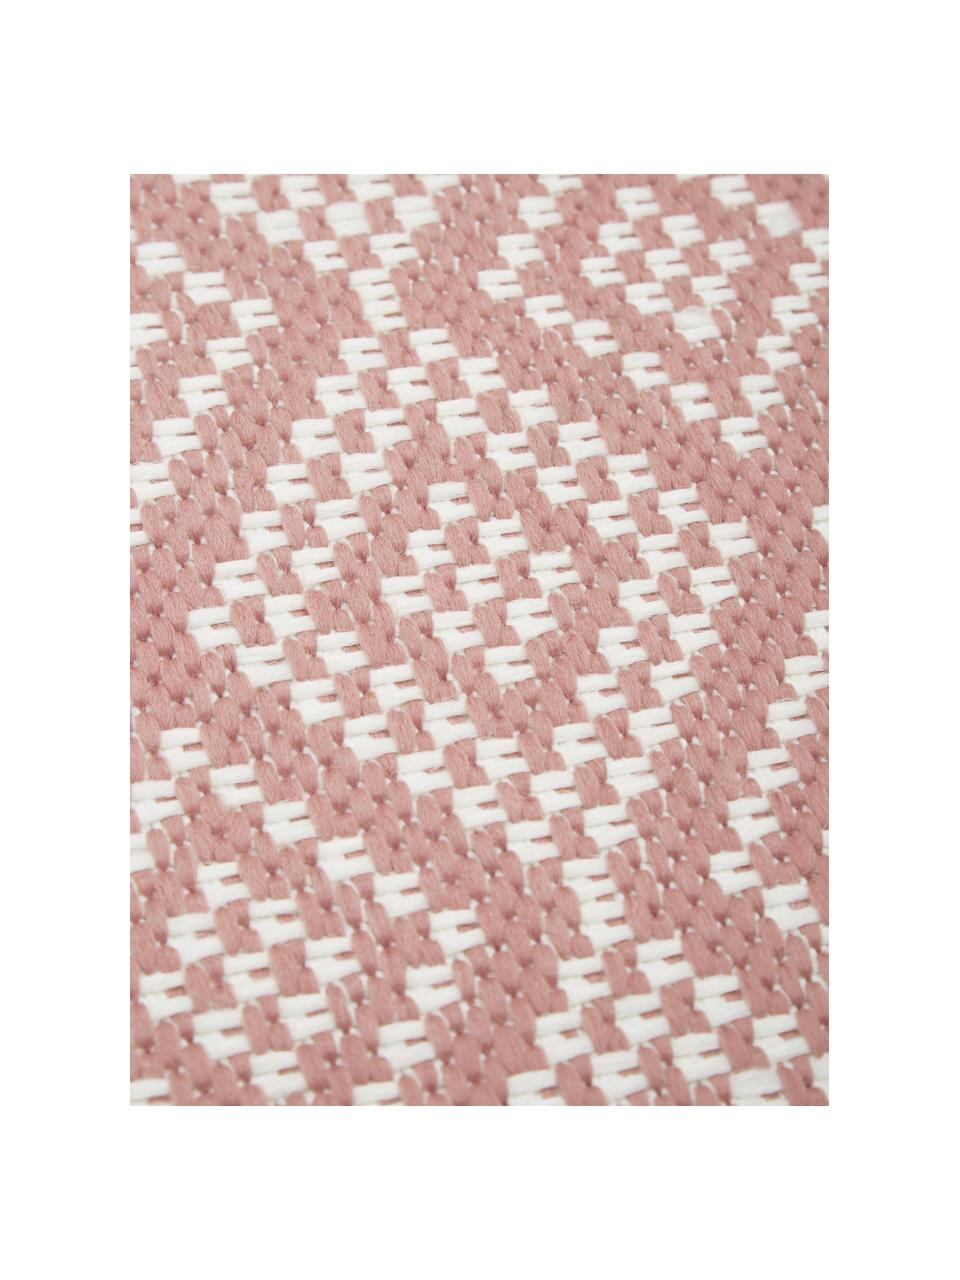 In- & Outdoor-Teppich Capri in Koralle/Creme, 86% Polypropylen, 14% Polyester, Weiß, Rot, B 200 x L 290 cm (Größe L)